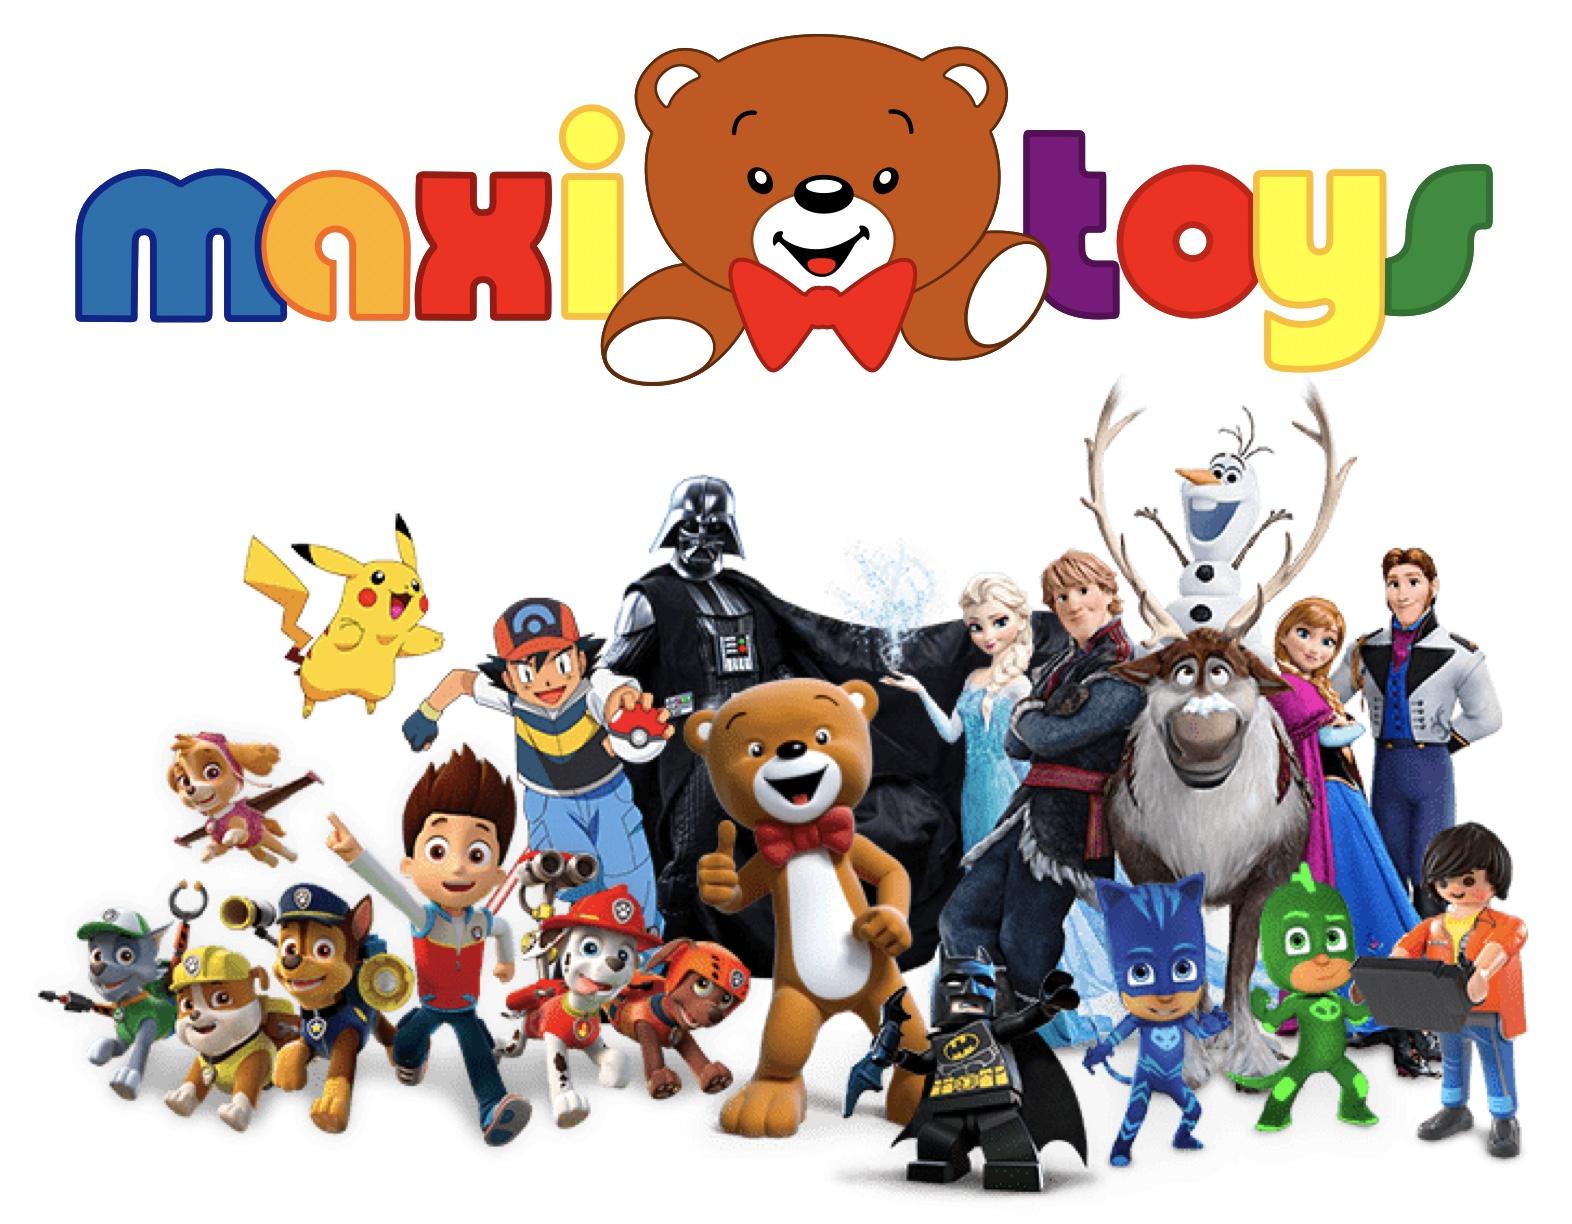 Code promo Maxi Toys : 15% de réduction sur tous les jouets